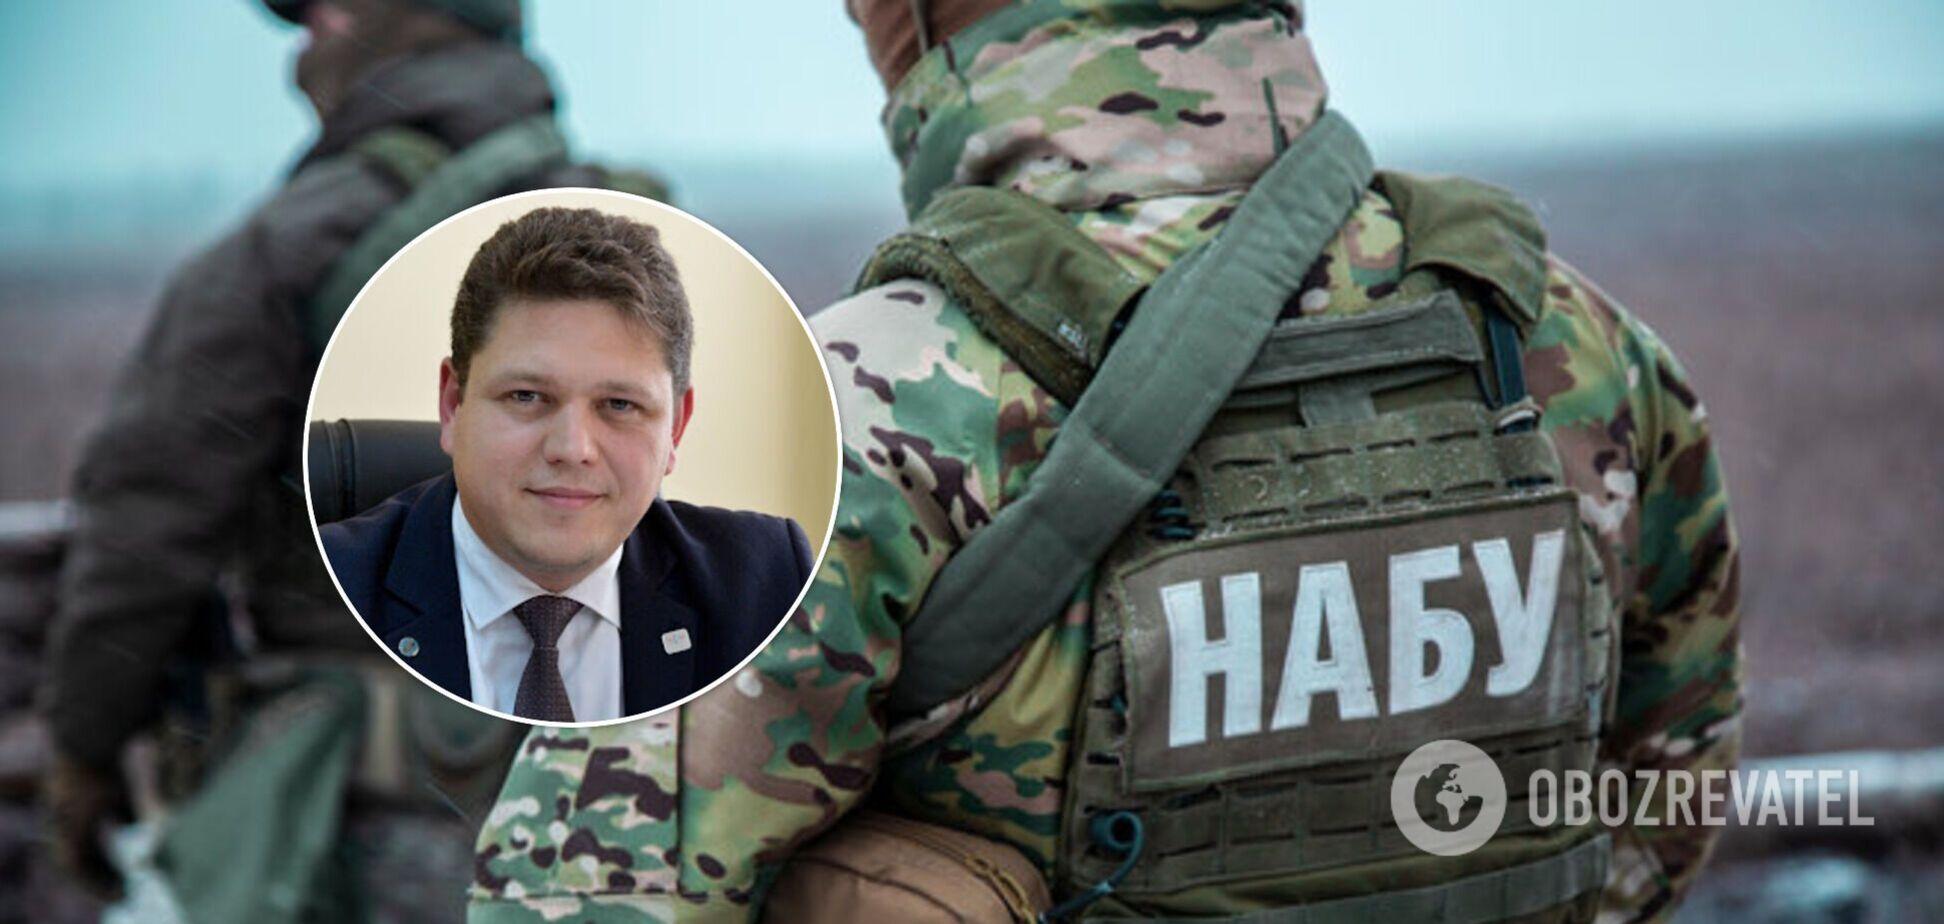 НАБУ провело обыски у главы Государственной миграционной службы: источники раскрыли детали